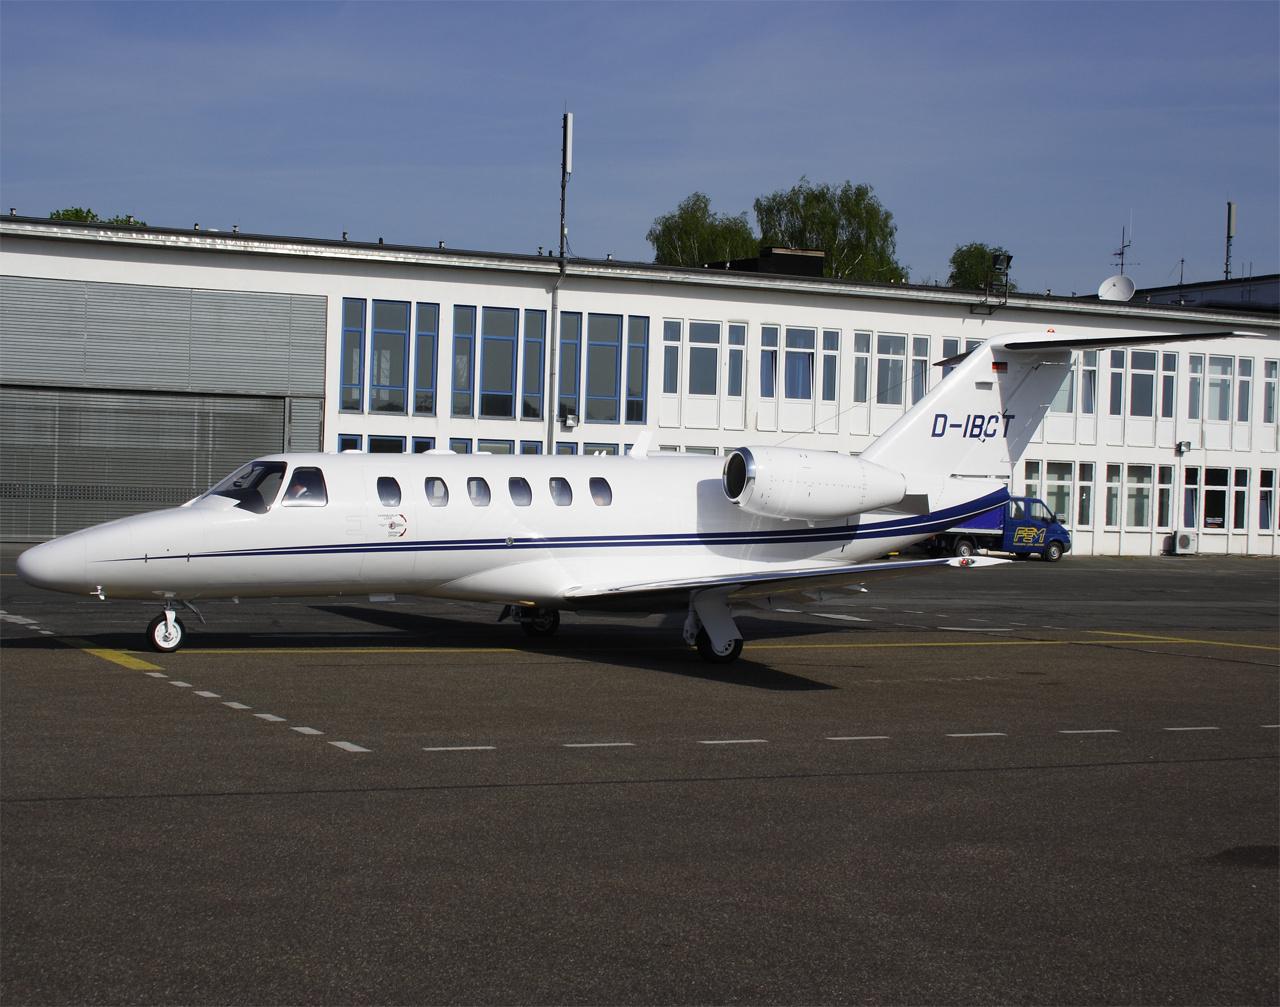 D-IBCT-2 C550 ESS 200704